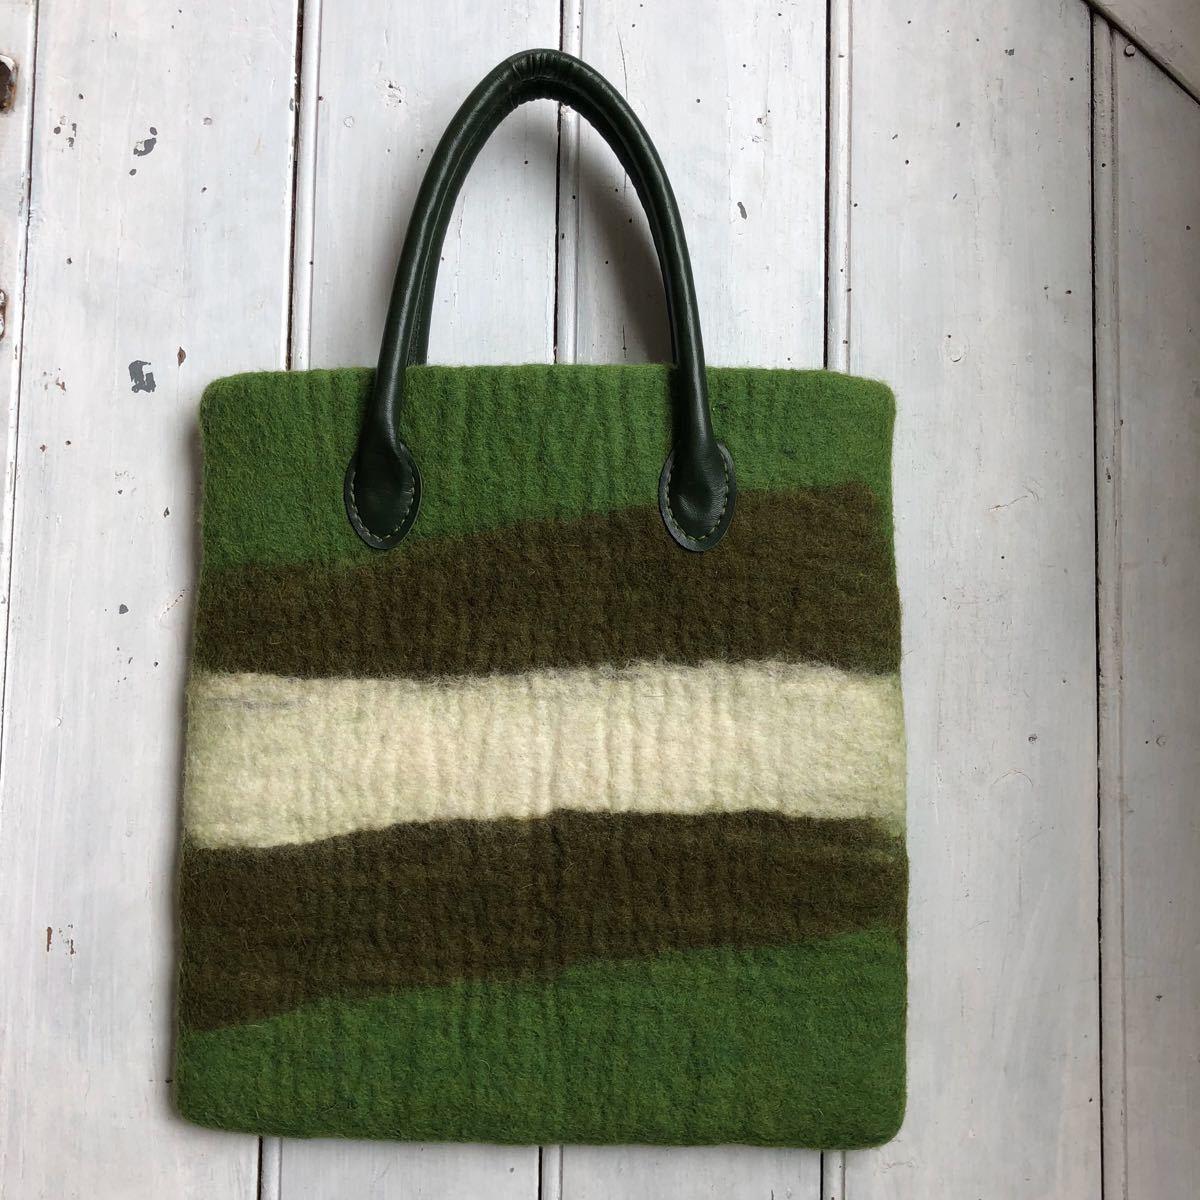 オリジナル 羊毛 フェルトトートバッグ ハンドメイド バッグ 更にお値下げ!